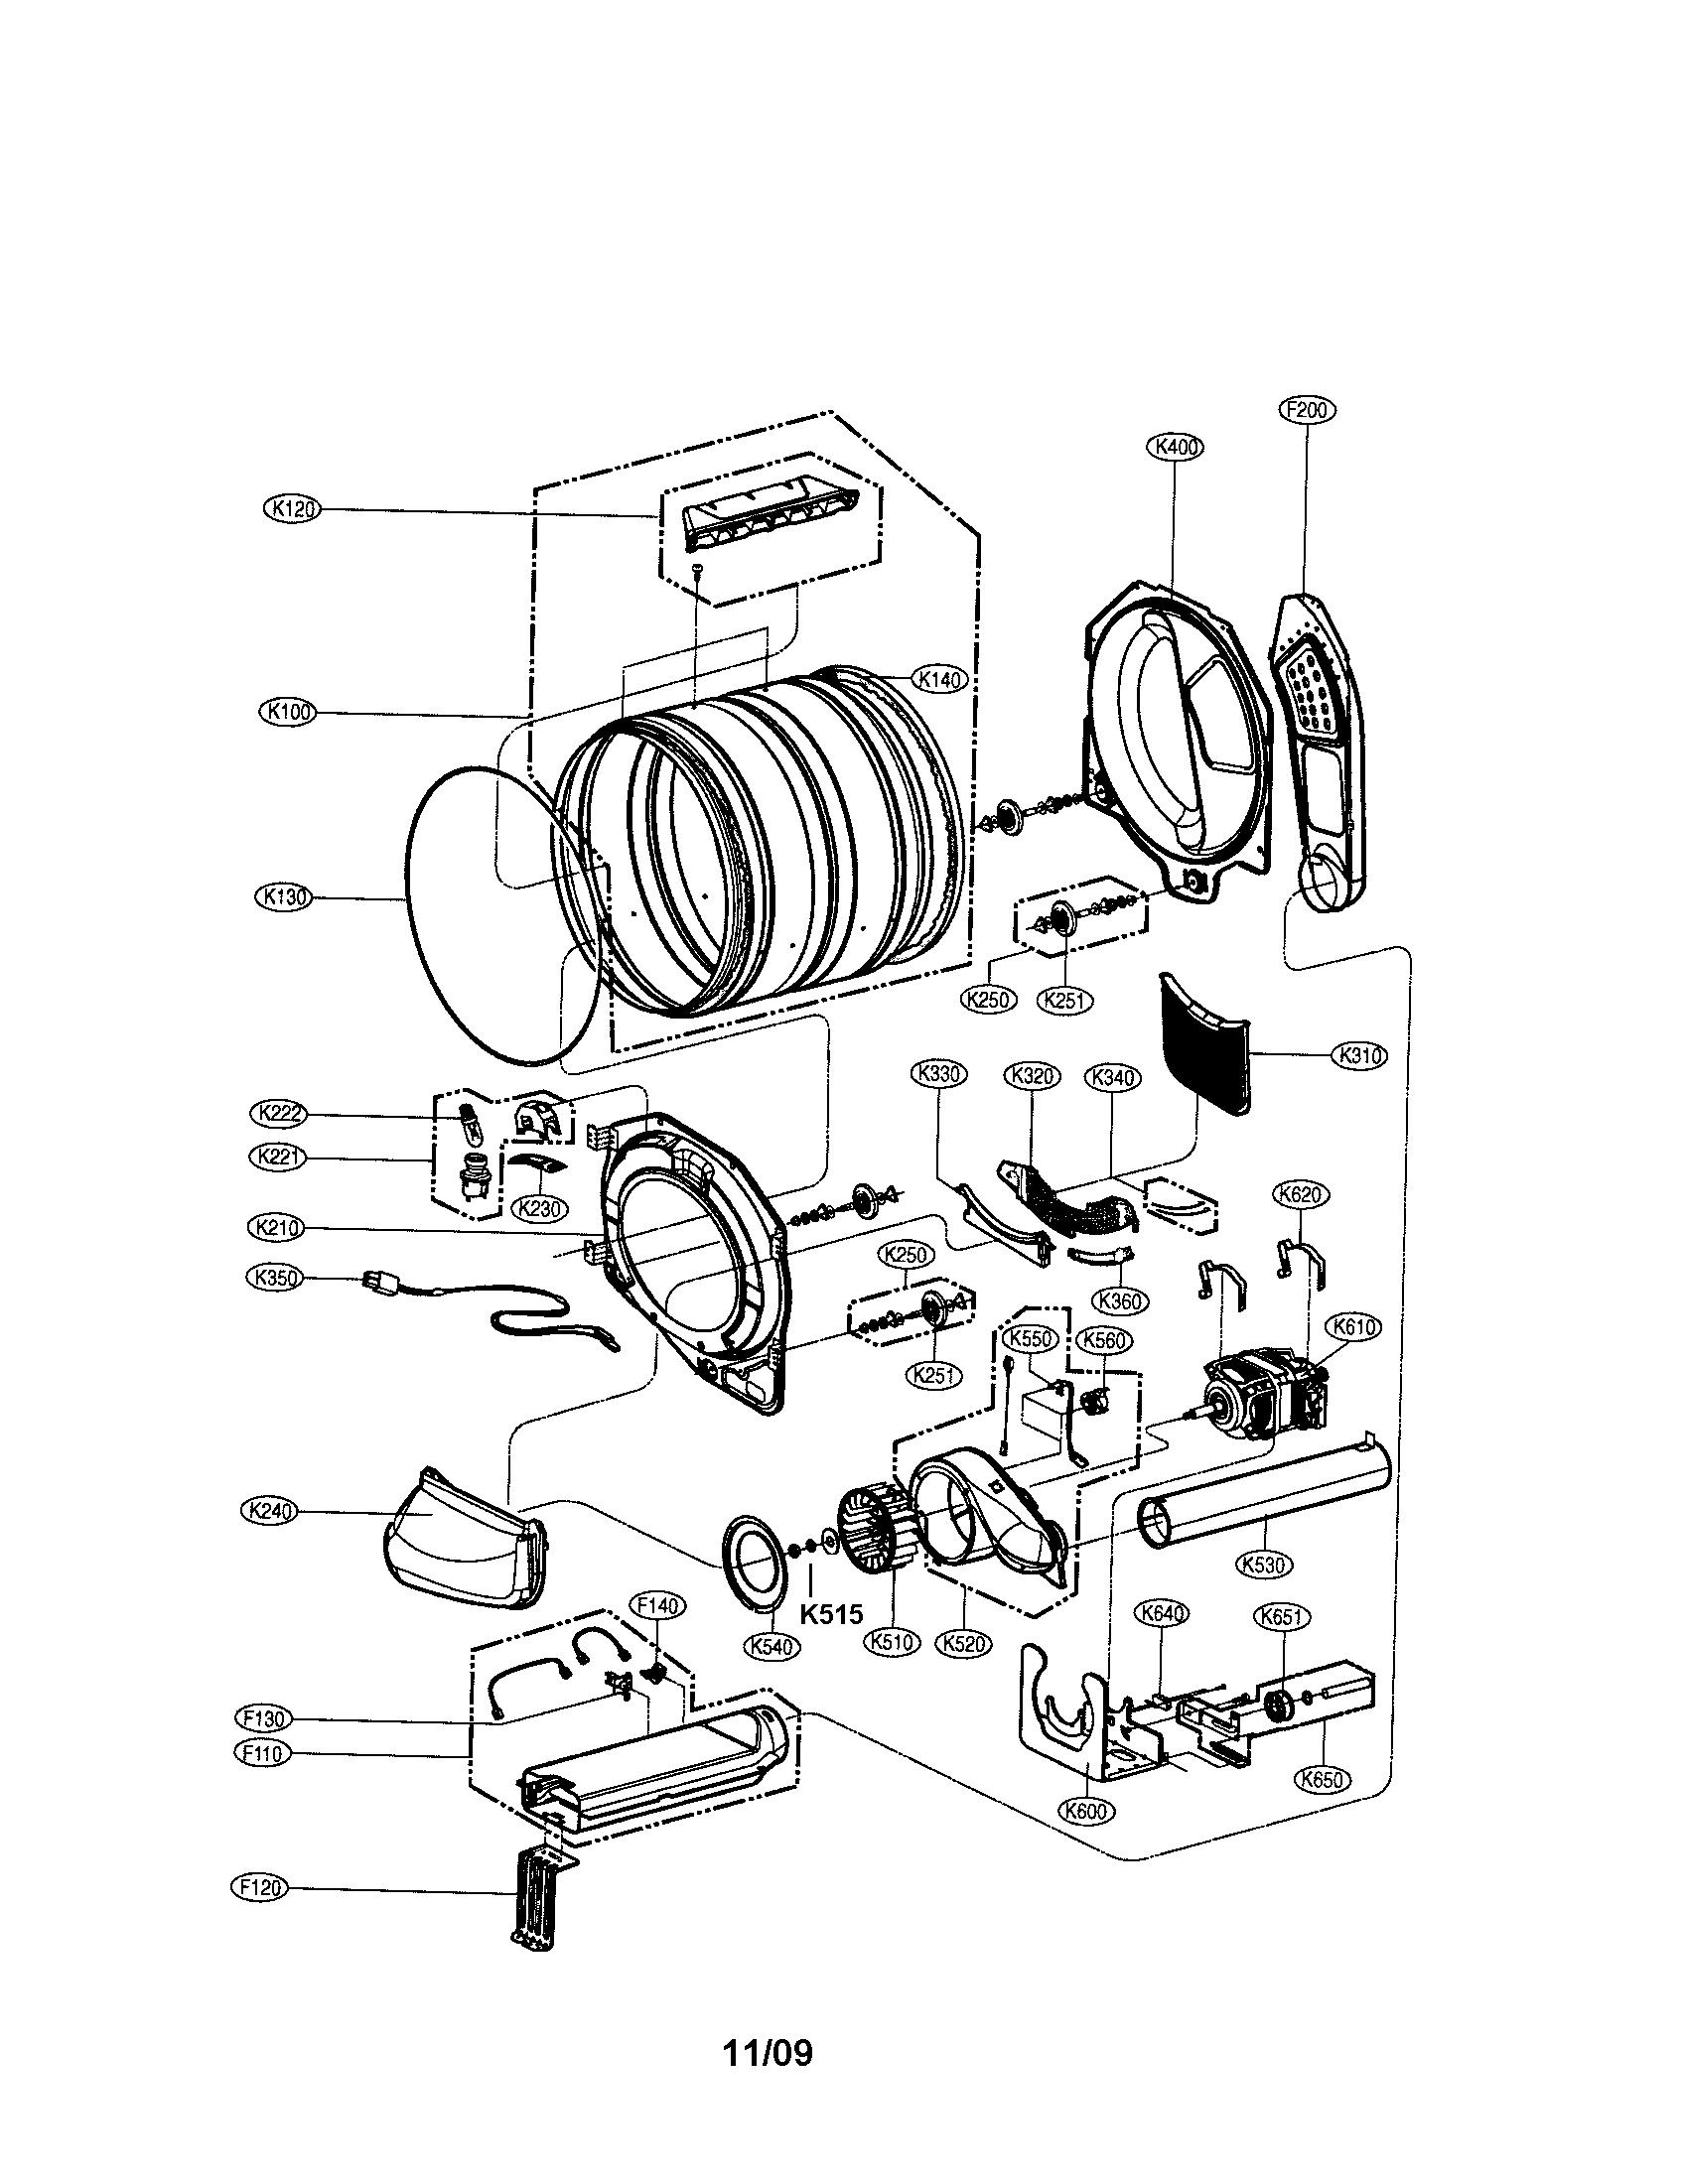 Lg Dryer Wiring Diagram - All Diagram Schematics on